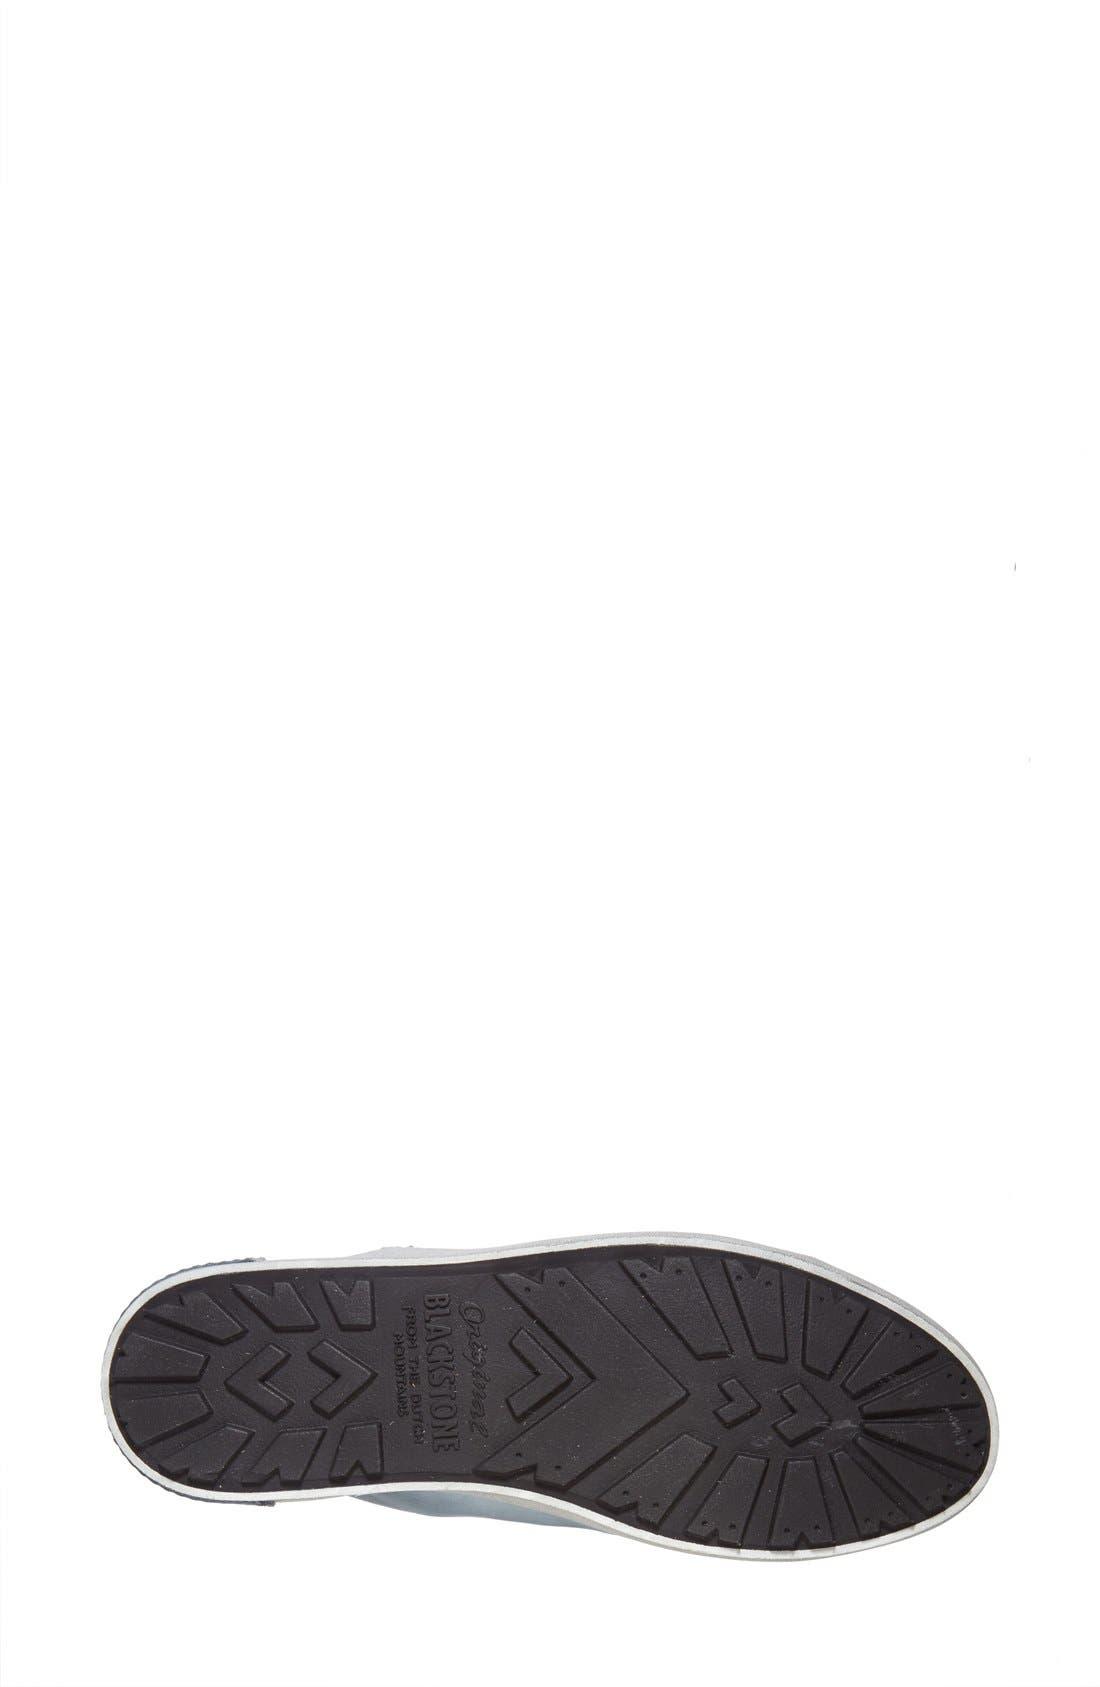 'JL' High Top Sneaker,                             Alternate thumbnail 4, color,                             421